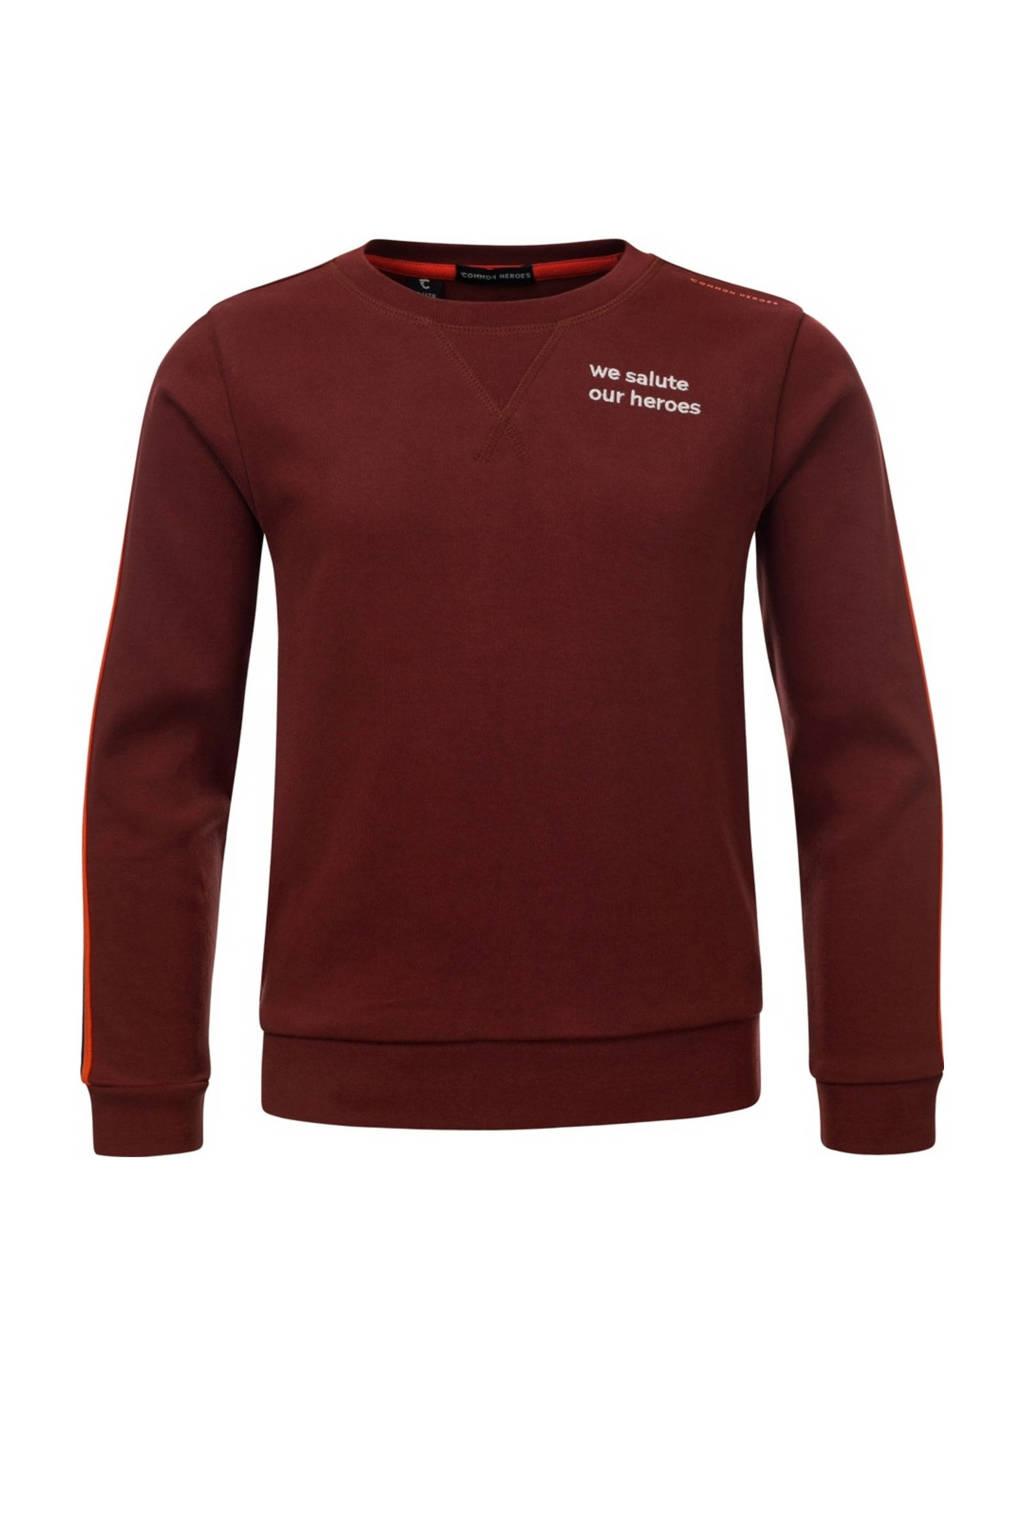 COMMON HEROES sweater Cas met contrastbies roestbruin, Roestbruin